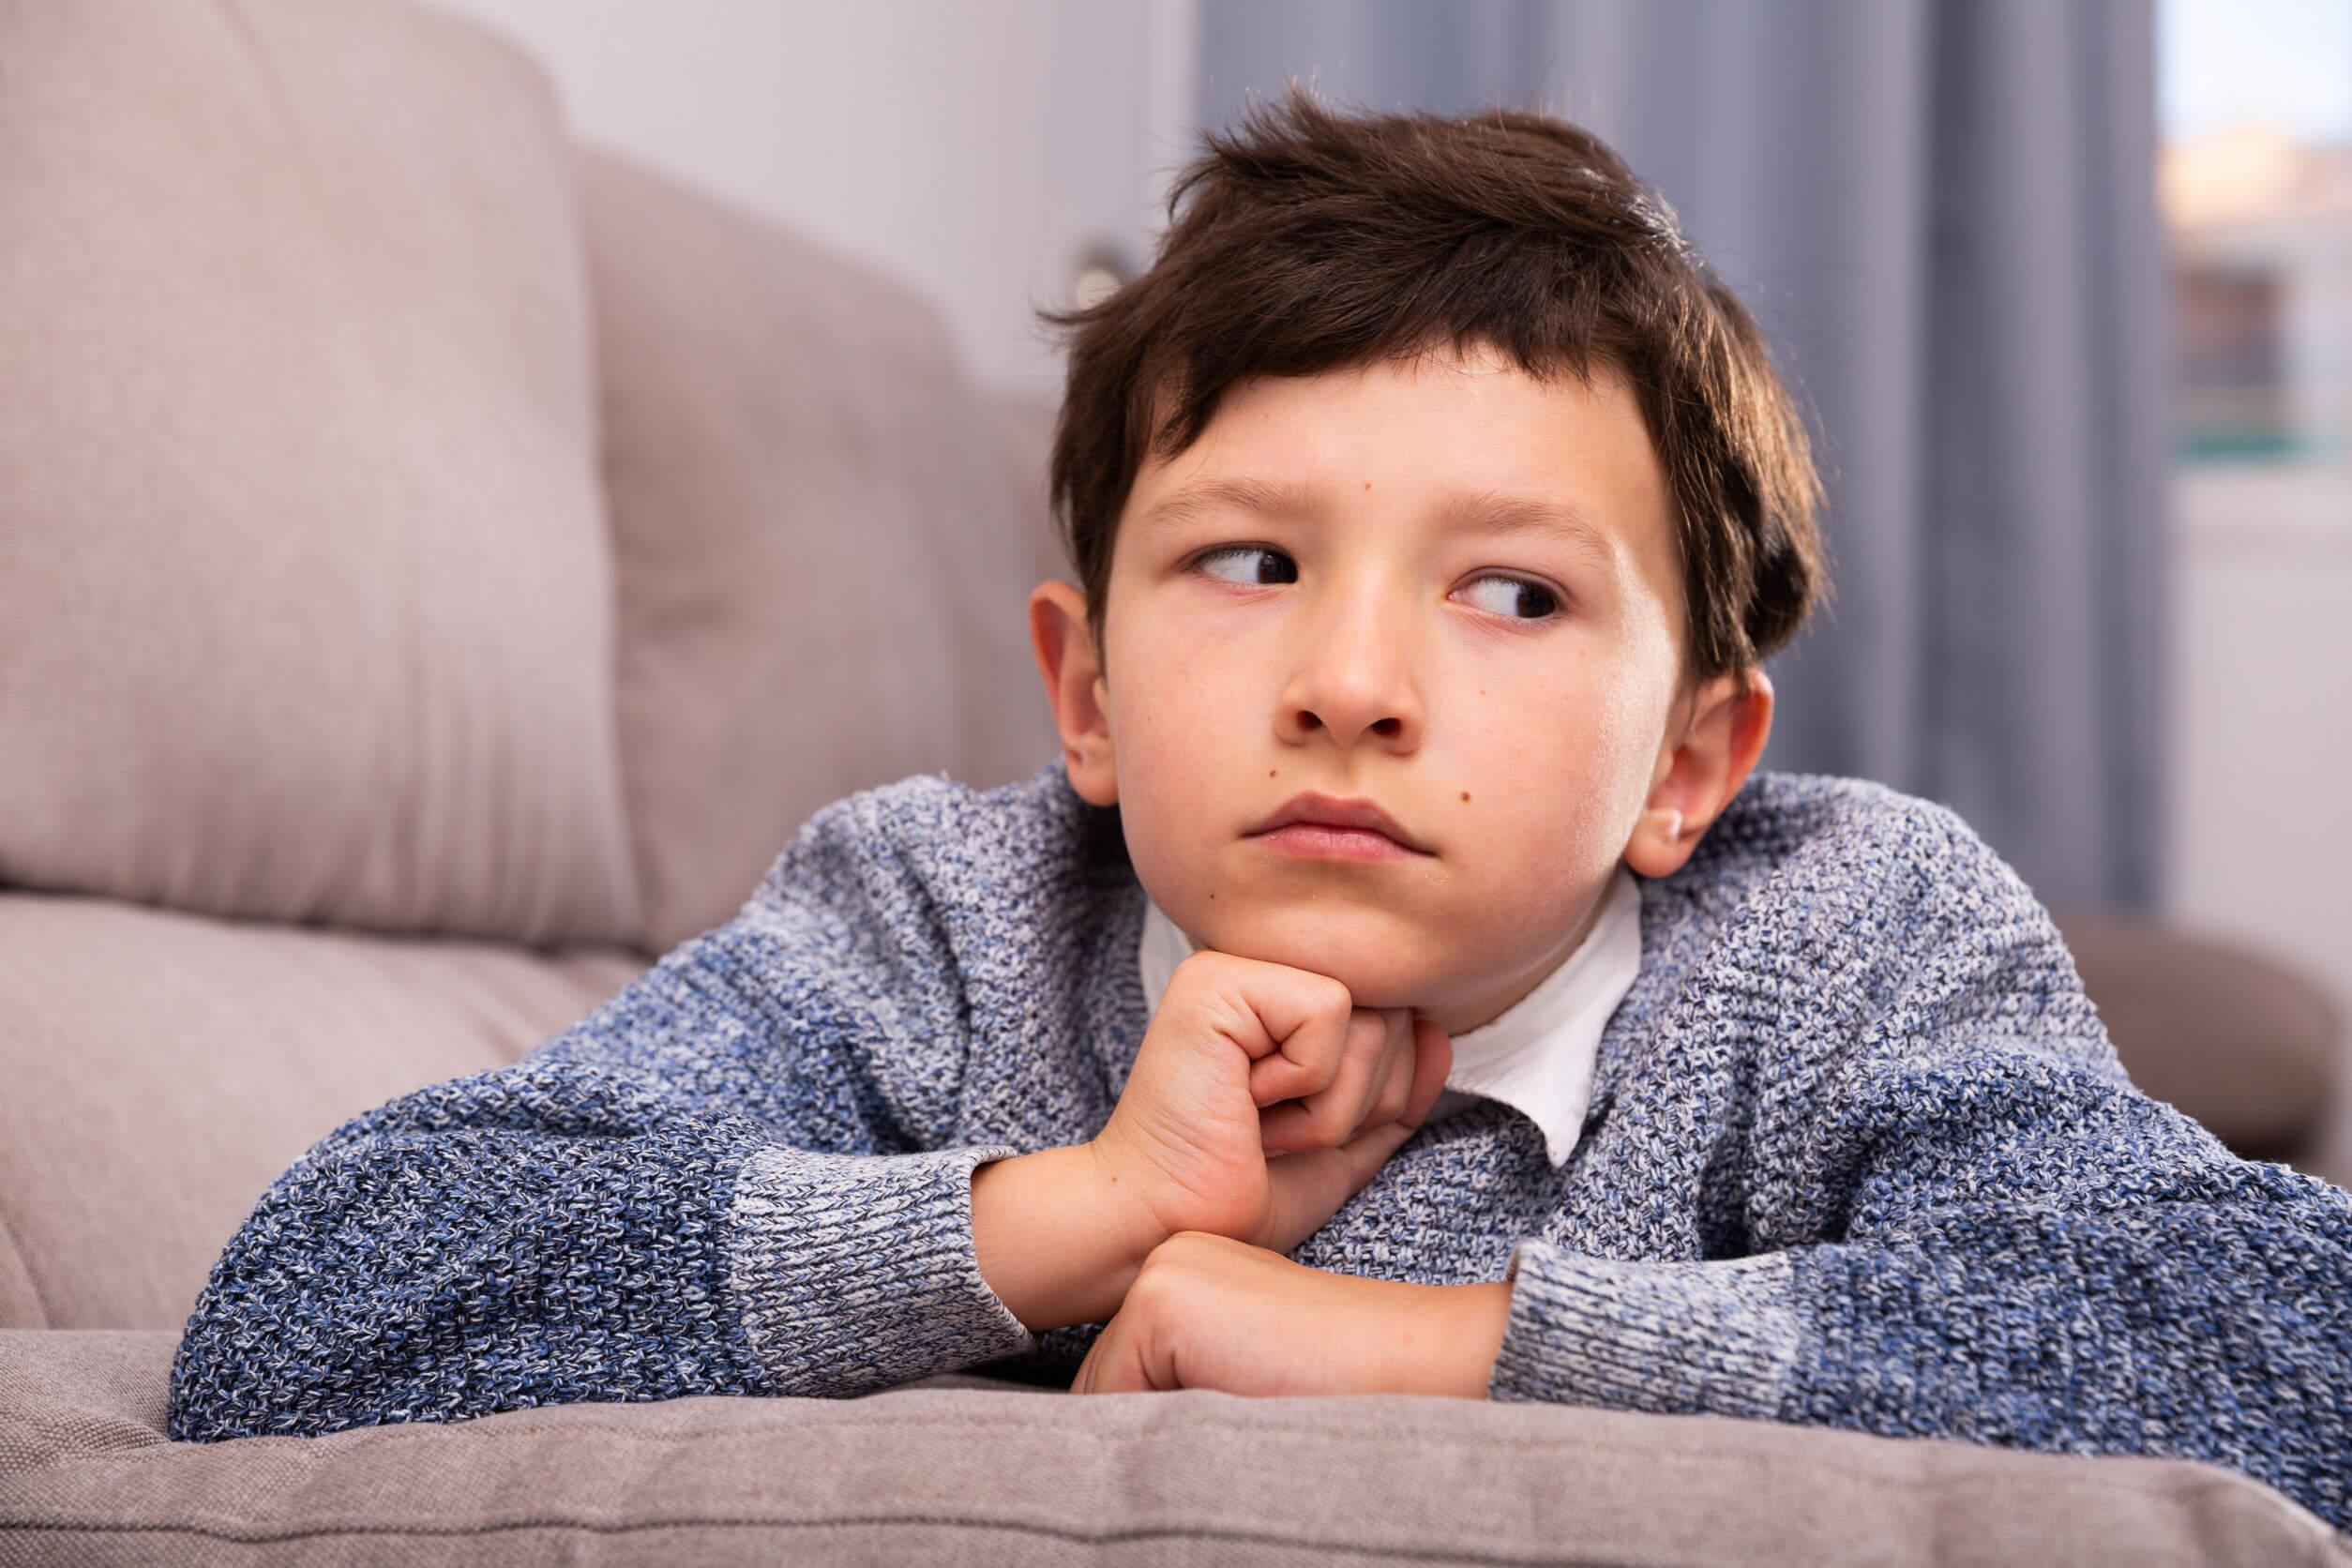 Niño triste debido a su negatividad.